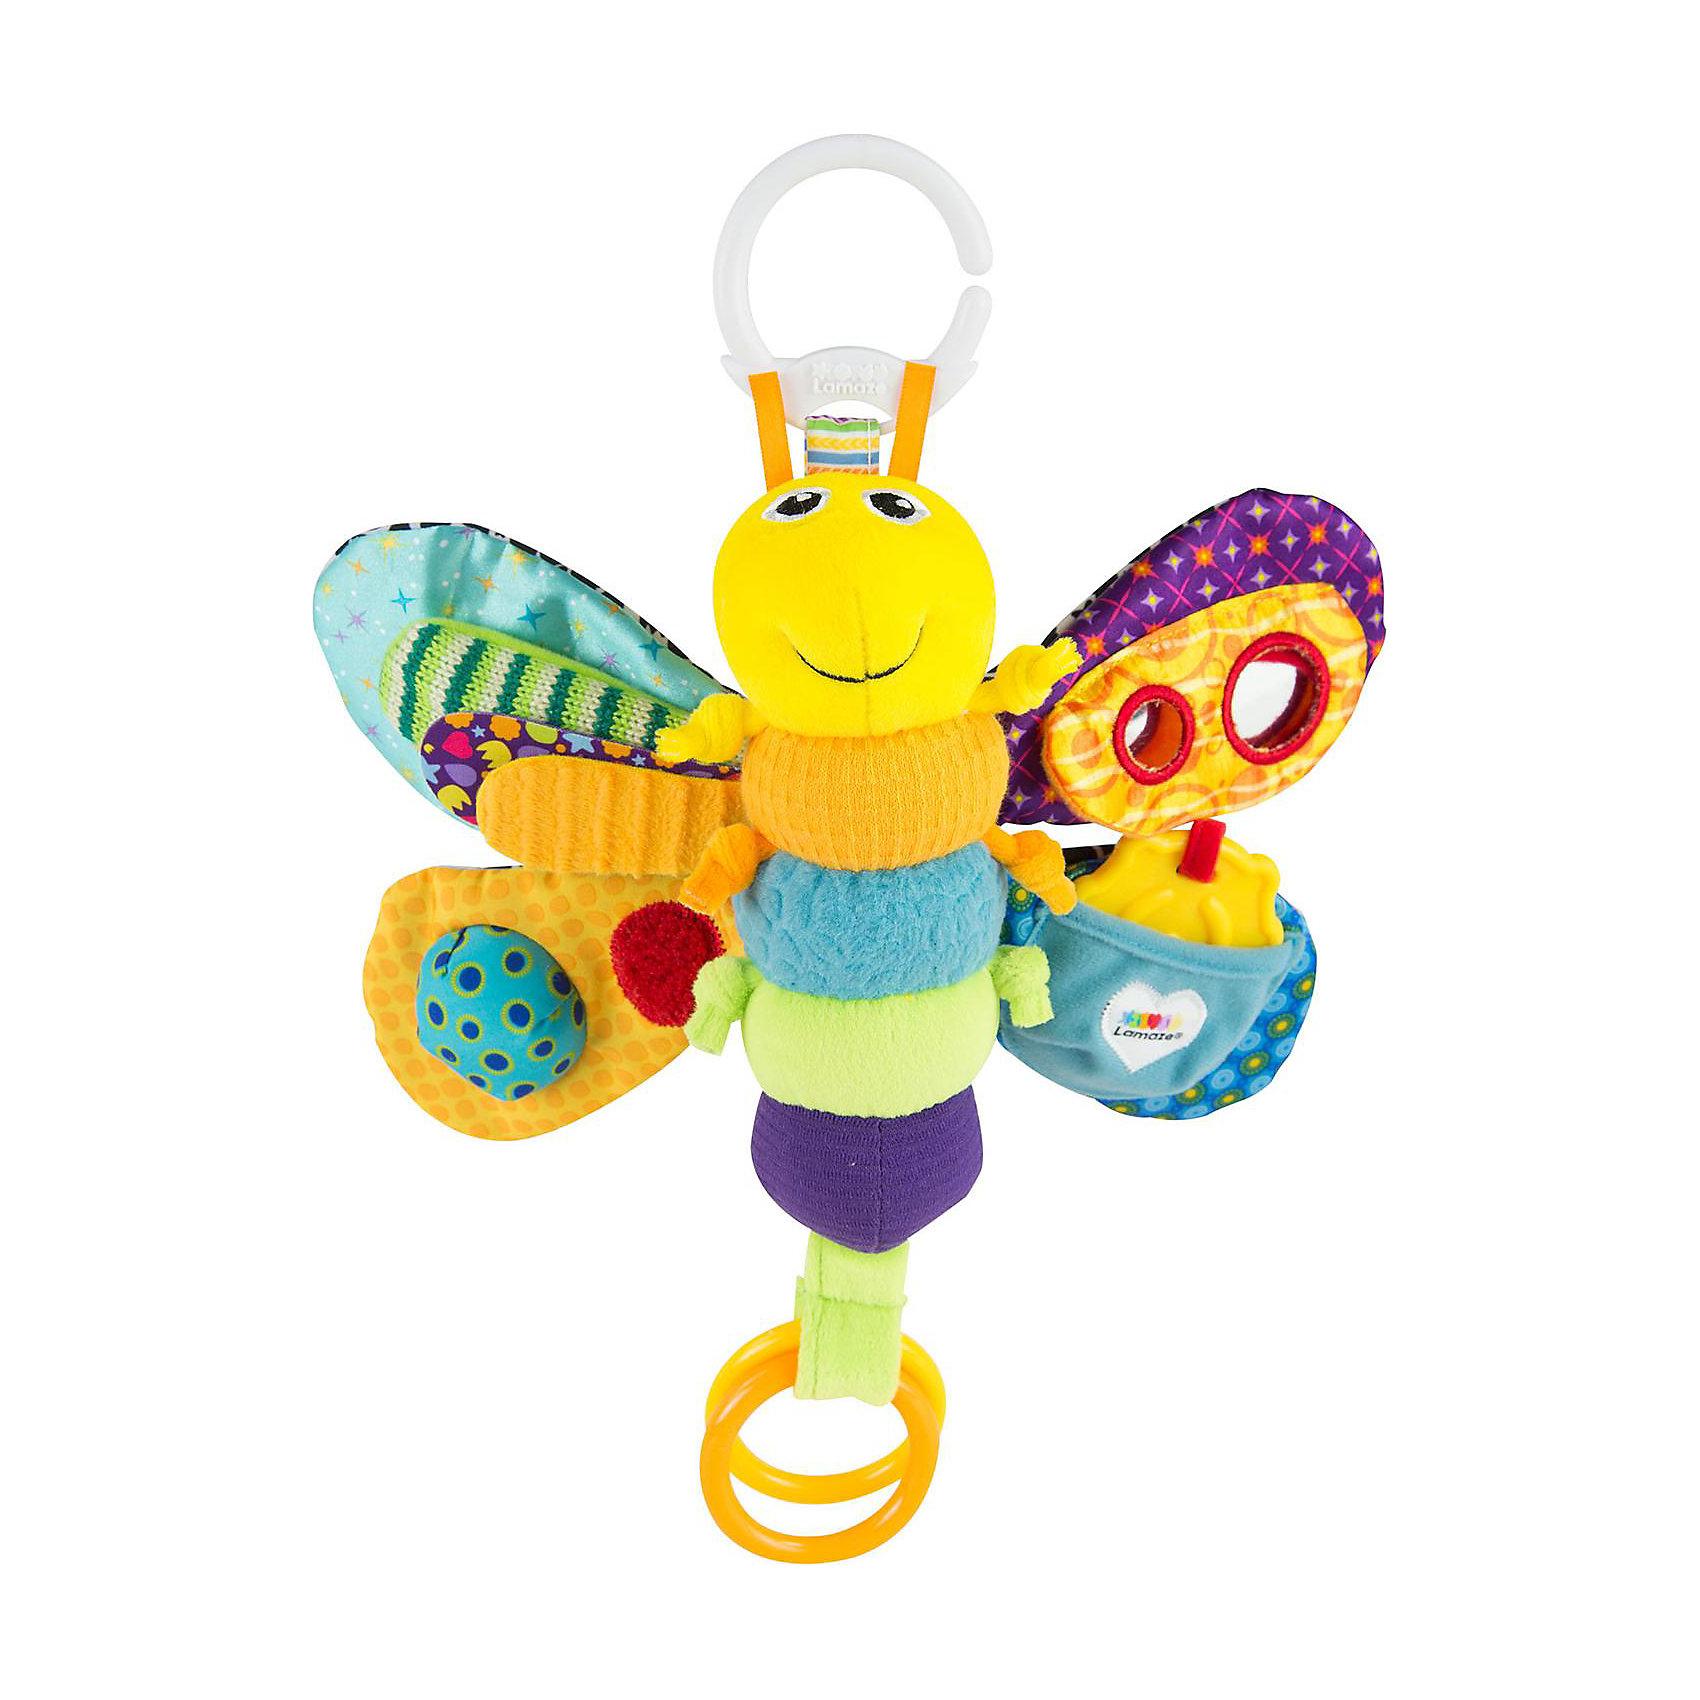 Игрушка Светлячок Фредди, LamazeИгрушки для новорожденных<br>Яркая игрушка для самых маленьких обязательно полюбится крохе. Светлячок выполнен из разноцветных материалов различной фактуры, что позволяет развивать мелкую моторику, сенсорное и цветовое восприятие. Подвижные крылышки игрушки шуршат и пищат, привлекая внимание ребенка. На одном из крылышек есть безопасное зеркало, на другом - замечательная божья коровка - прорезыватель. Сверху и снизу есть колечки, за которые светлячка можно подвесить к кроватке, коляске или манежу, также за них  к нему можно присоединить любые другие игрушки или же использовать в виде прорезывателя для зубов.  Выполненный из безопасных гипоаллергенных материалов этот светлячок станет прекрасным подарком для любого крохи.<br><br>Дополнительная информация:<br><br>- Материал: пластик, текстиль.<br>- Размер: 23х30х8 см.<br>- Цвет: разноцветный.<br>- Звуковые эффекты: пищалка.<br><br>Игрушку Светлячок Фредди, Lamaze можно купить в нашем магазине.<br><br>Ширина мм: 241<br>Глубина мм: 195<br>Высота мм: 78<br>Вес г: 137<br>Возраст от месяцев: 0<br>Возраст до месяцев: 12<br>Пол: Унисекс<br>Возраст: Детский<br>SKU: 1860555